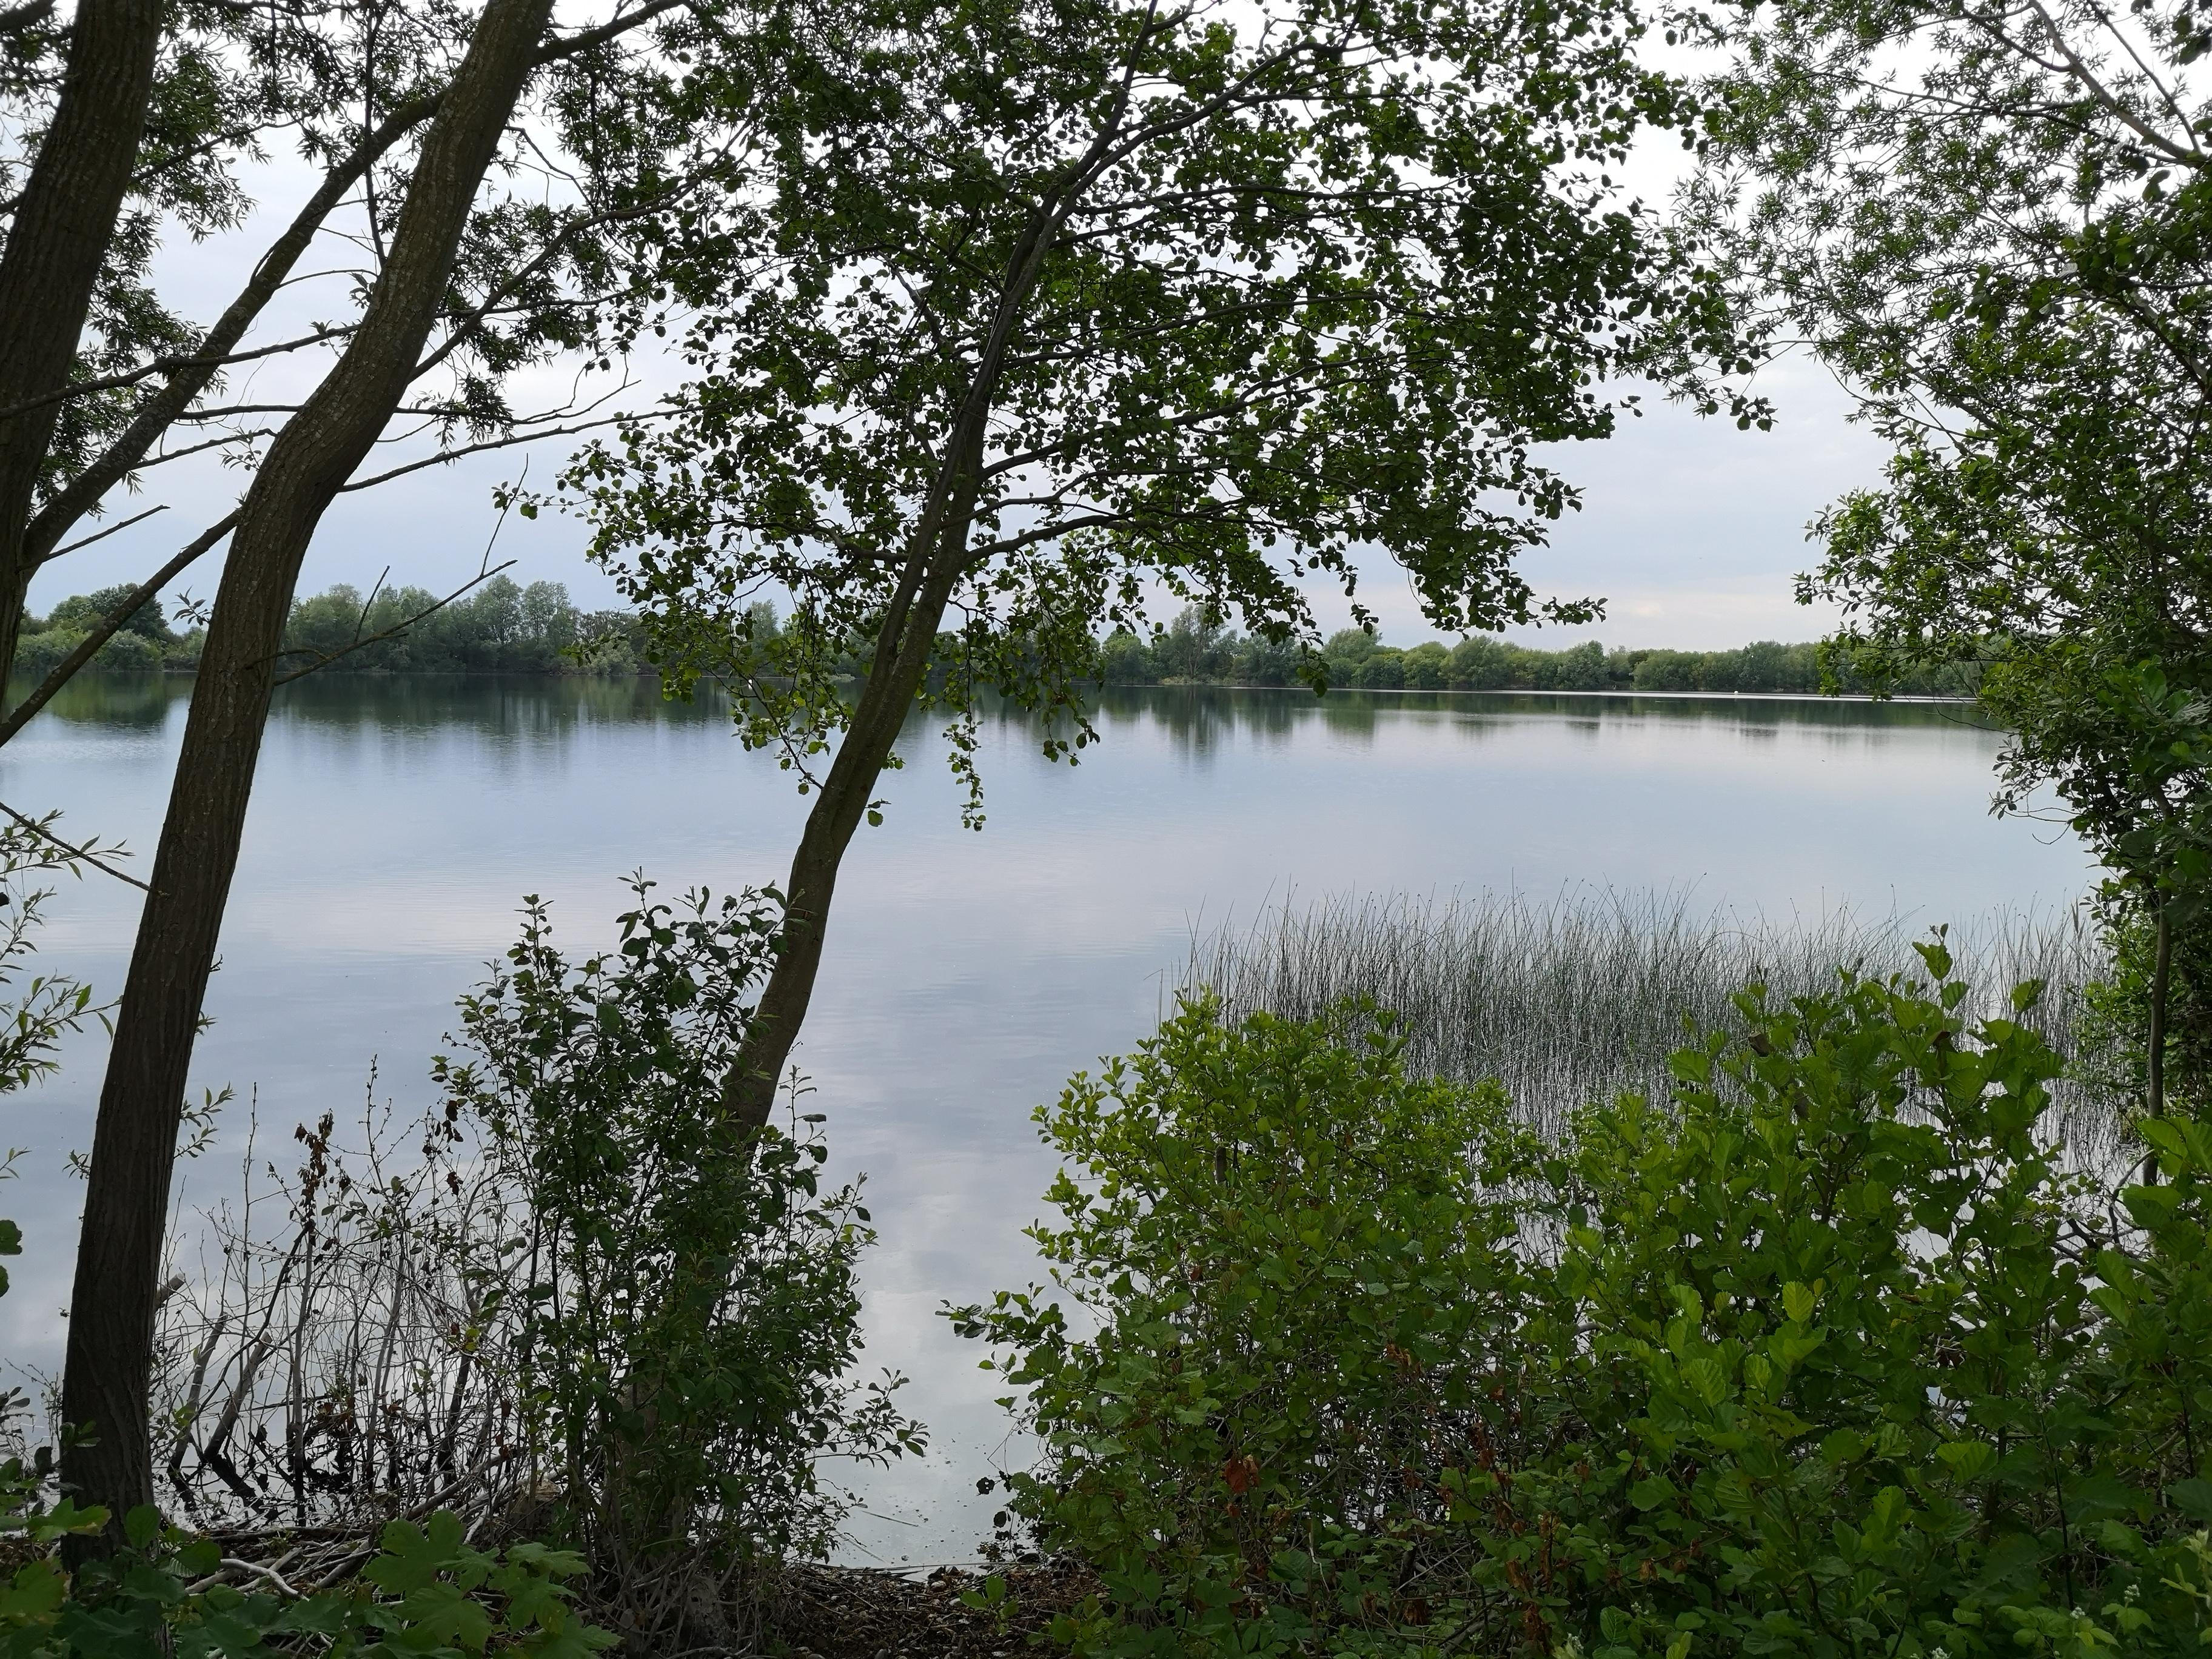 Walking around Girton Lakes